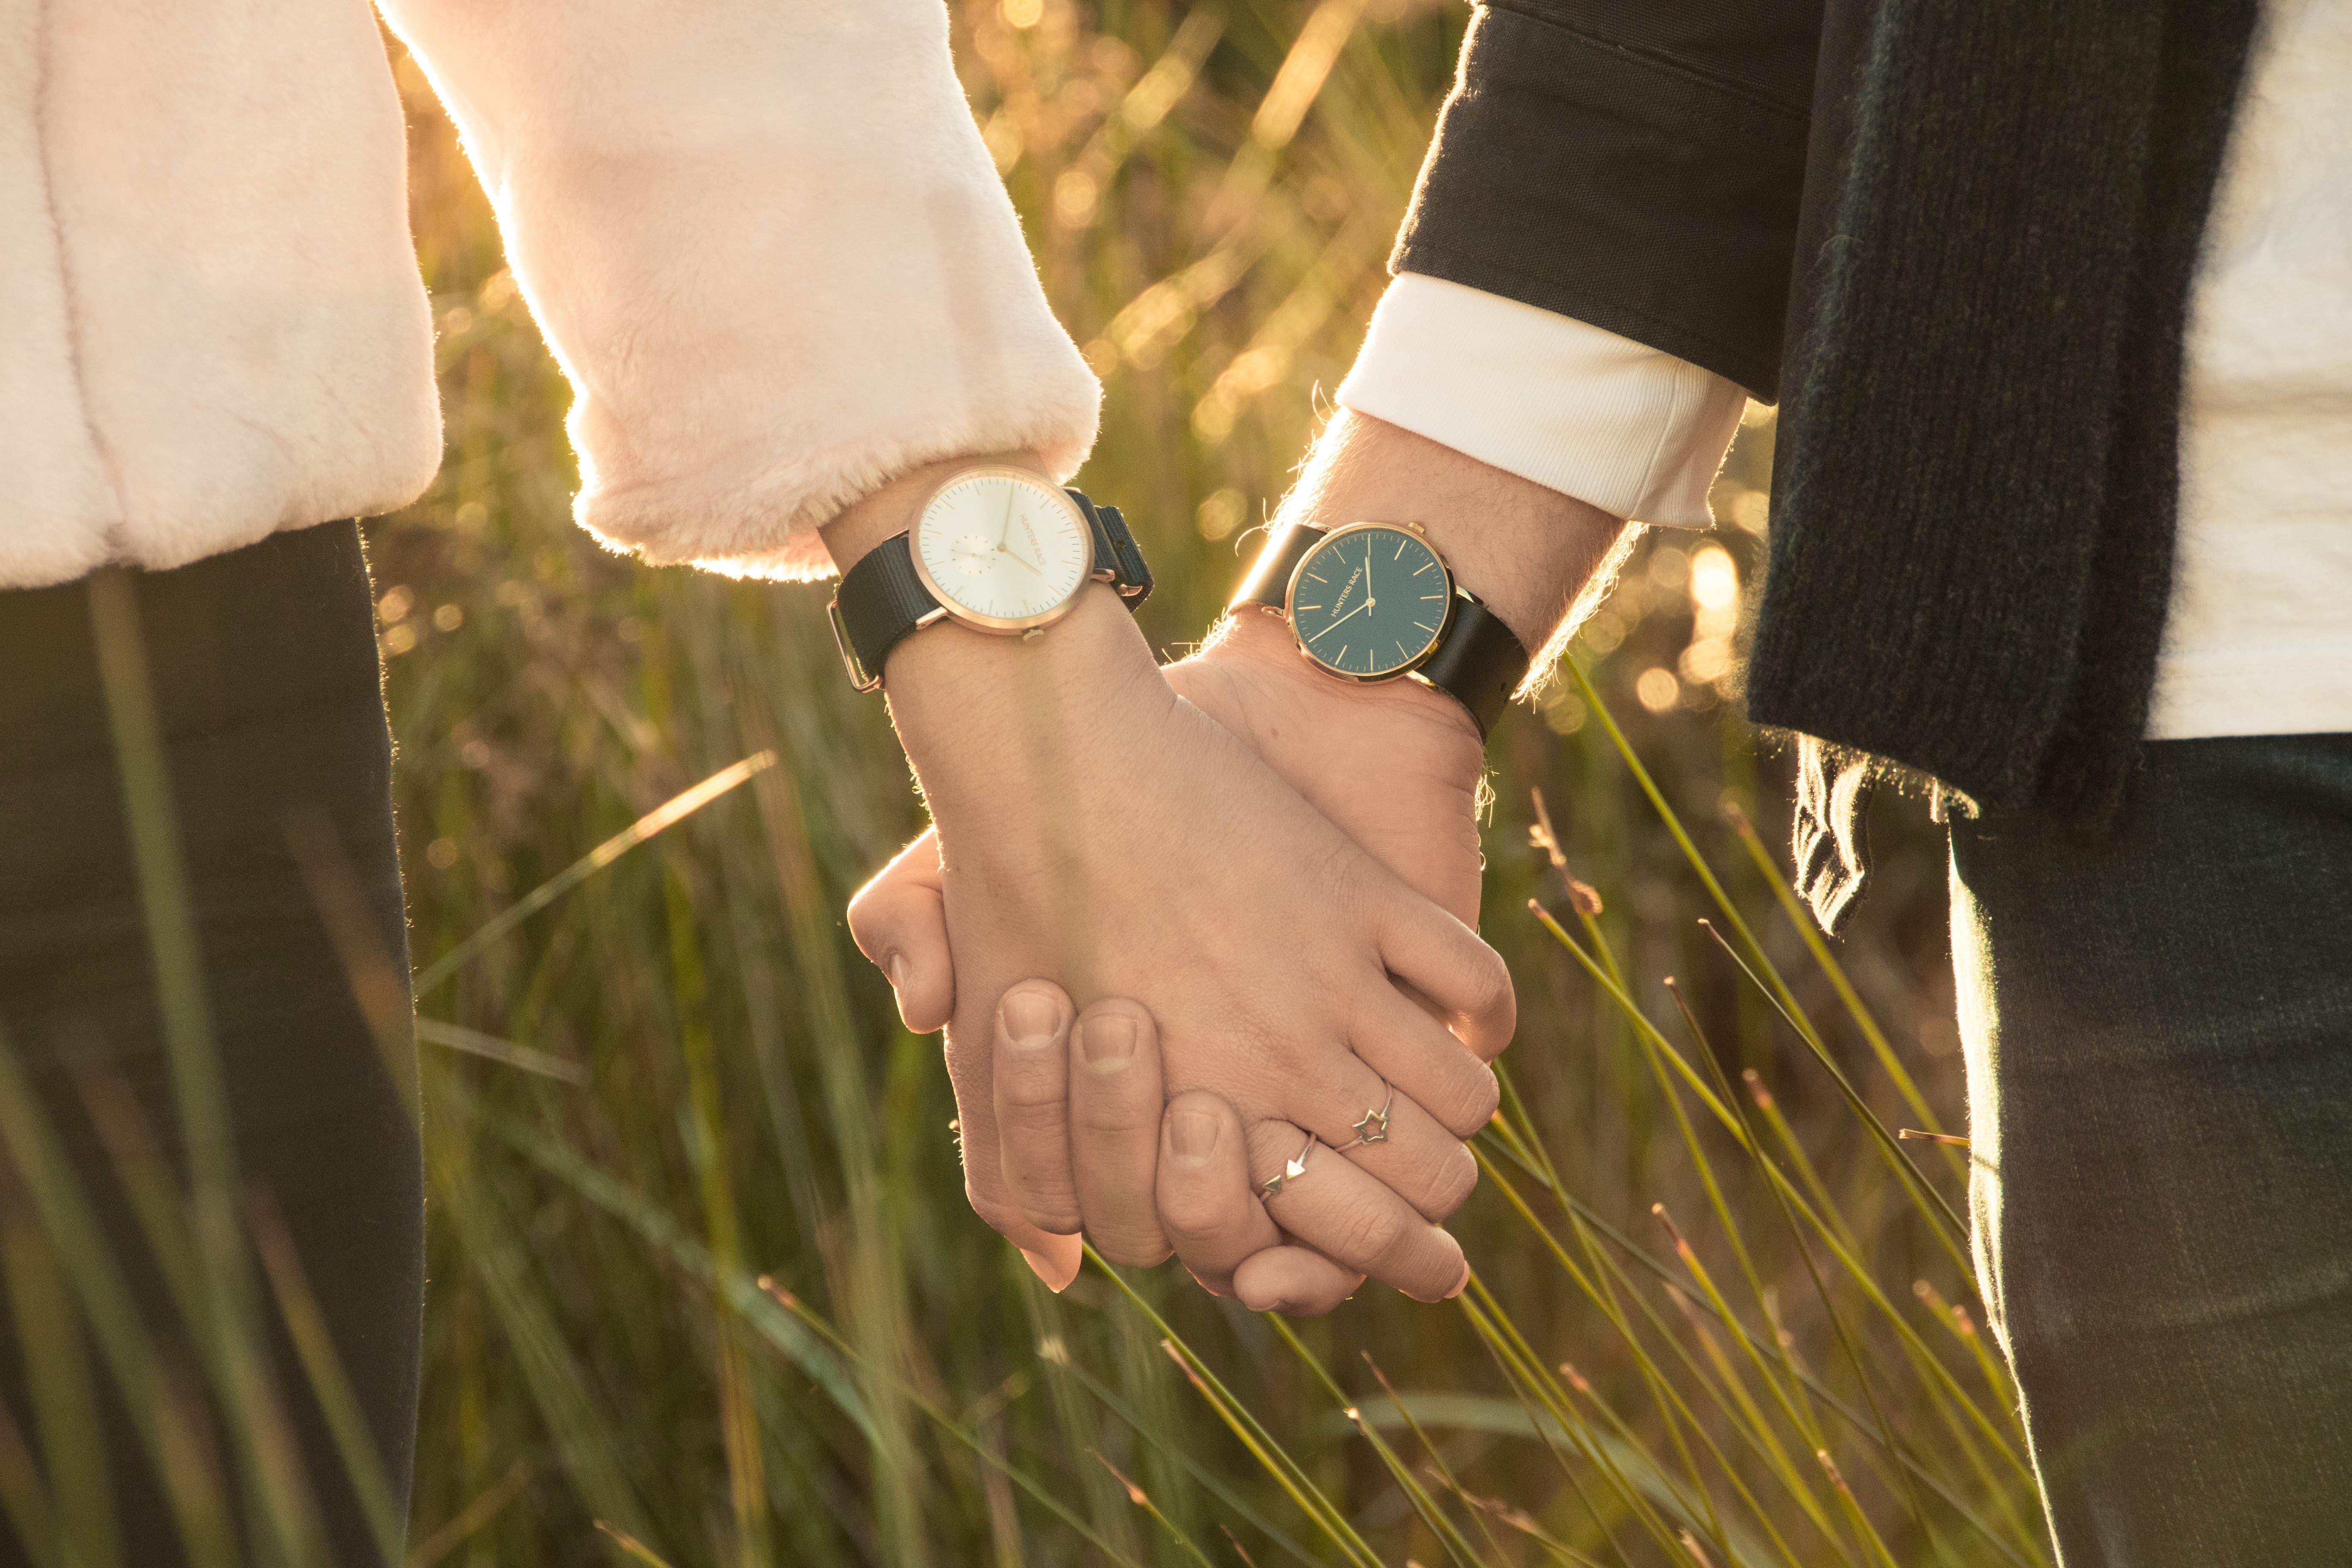 Gyógyüdülés Hajdúszoboszlón - keverd meg egy kis romantikával, és máris kész a tavaszi örök emlék!